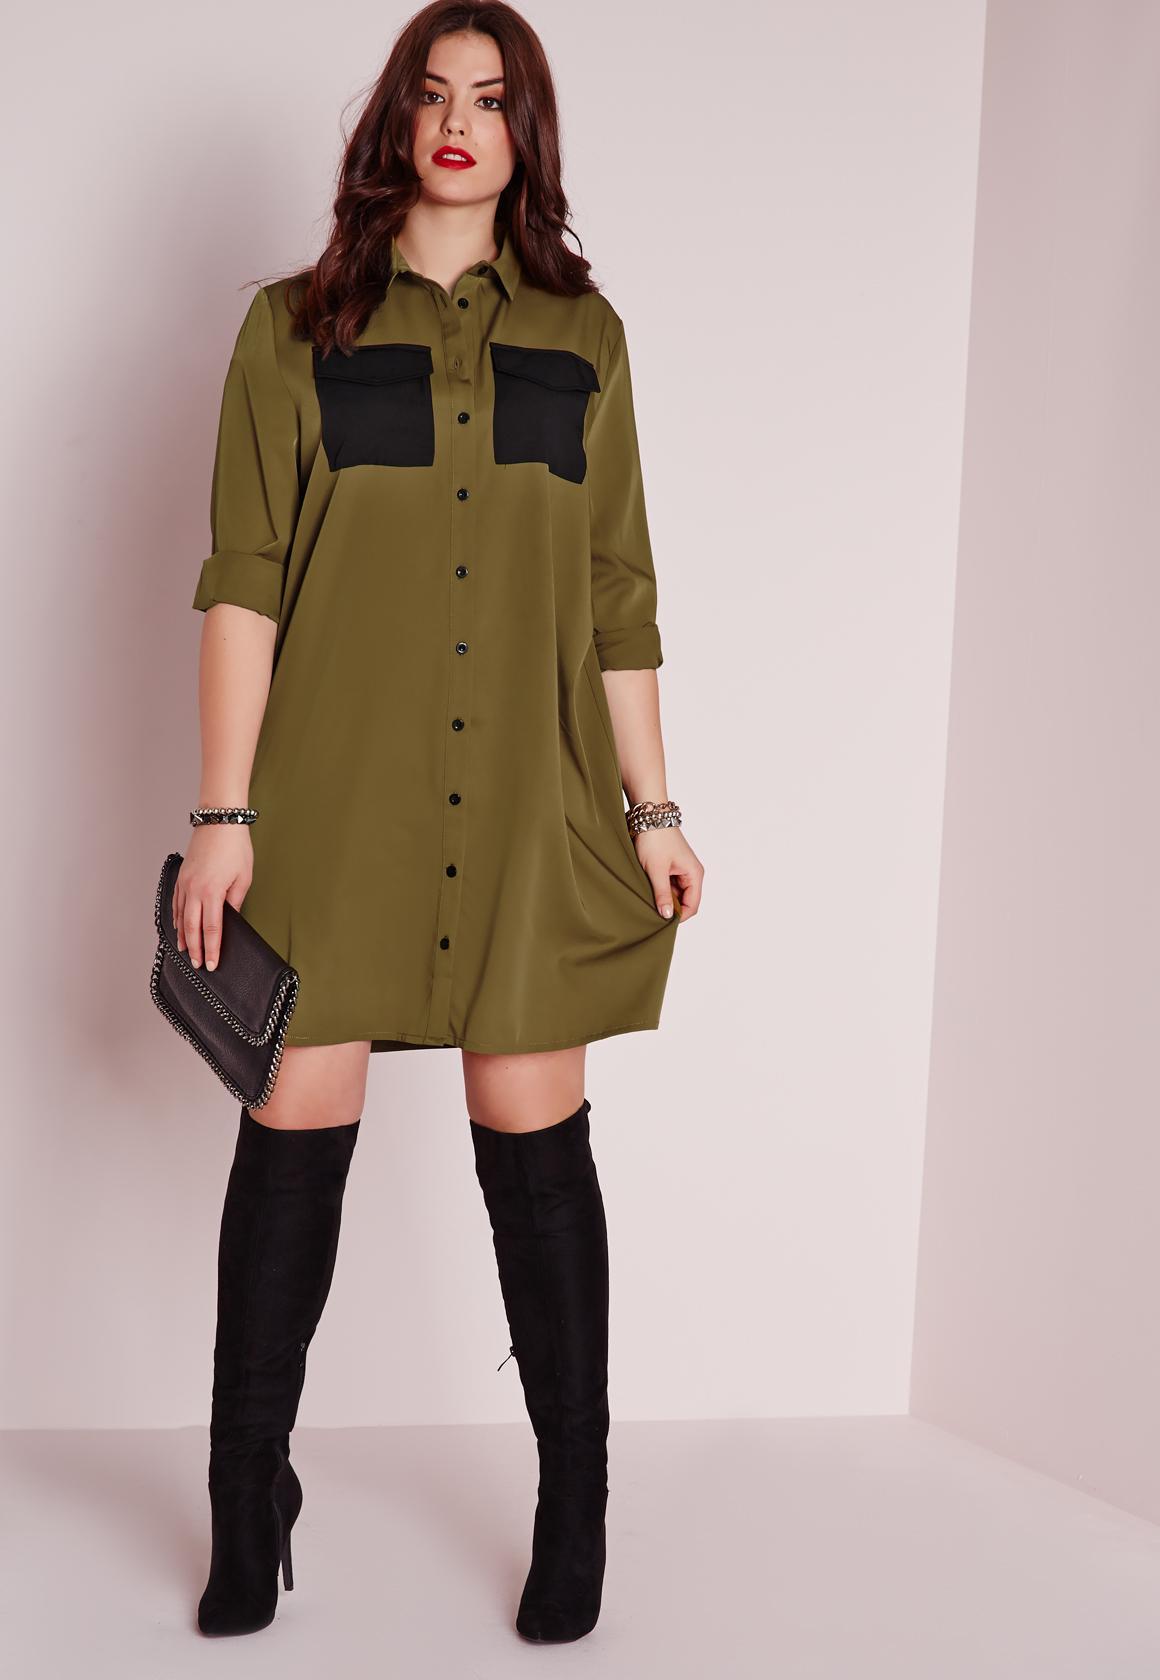 99p dress plus size - Best dresses collection